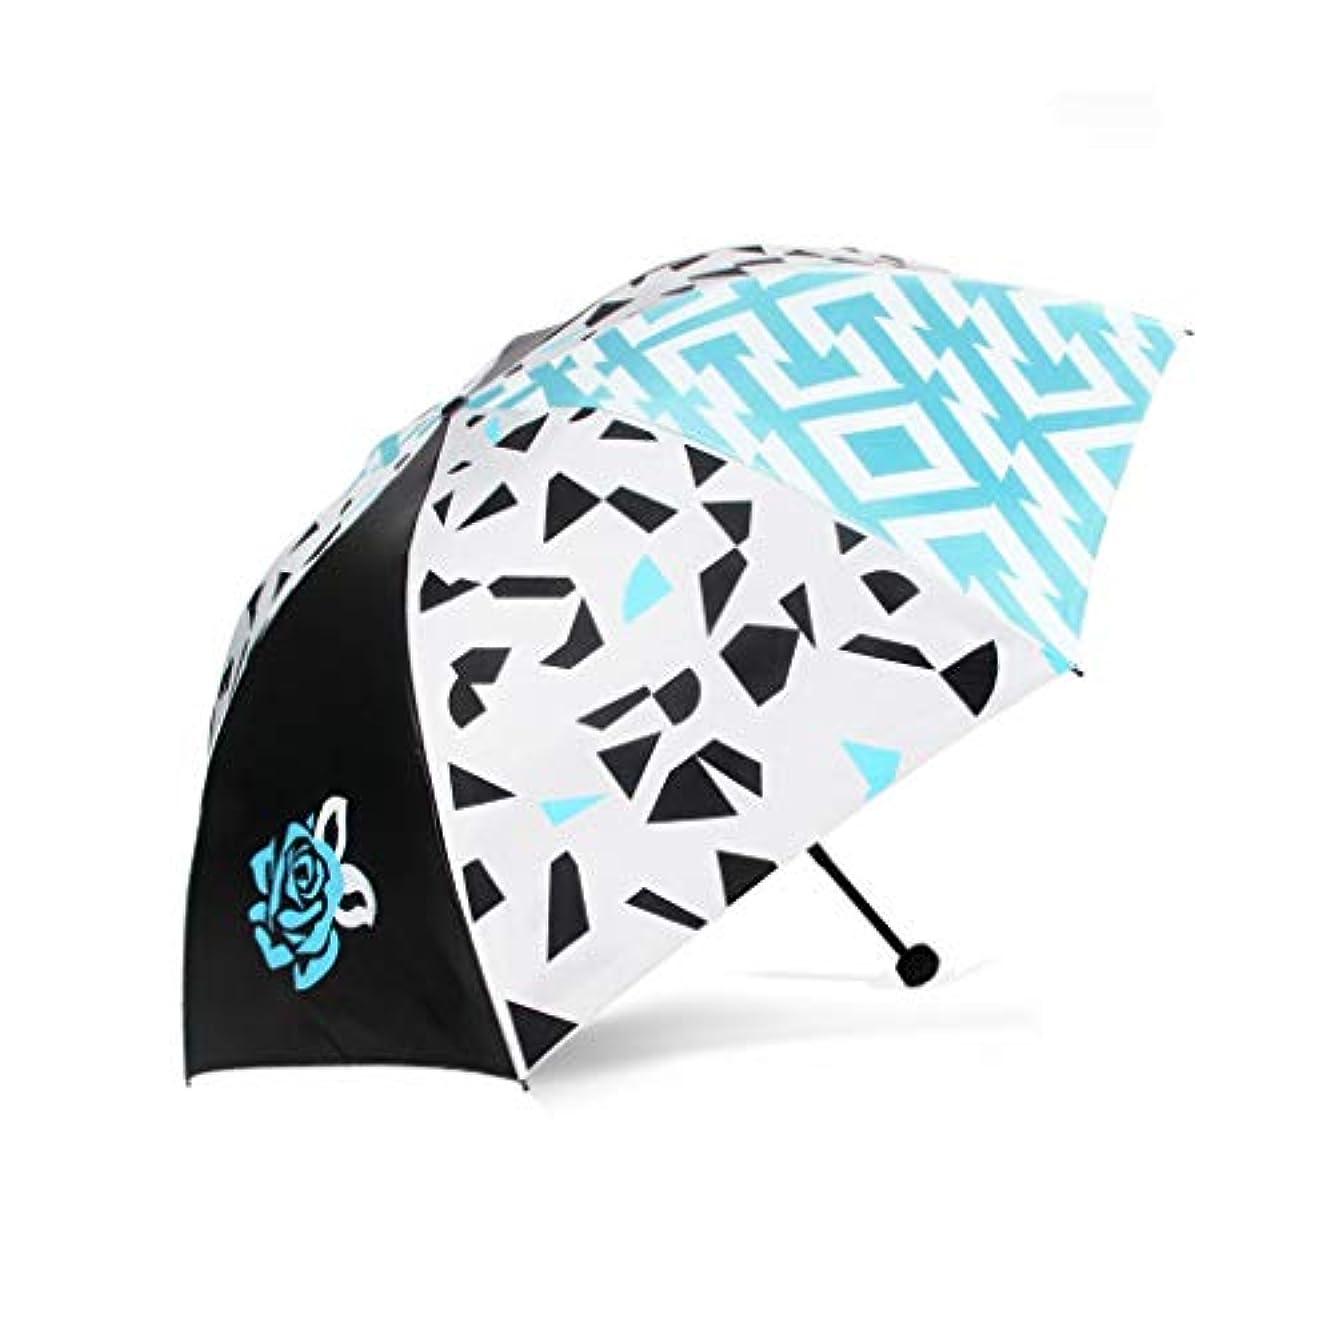 非アクティブ細胞使用法Py 傘ファッション印刷傘抗UV傘デュアルユースポータブル折りたたみ傘クリエイティブ小さな新鮮な